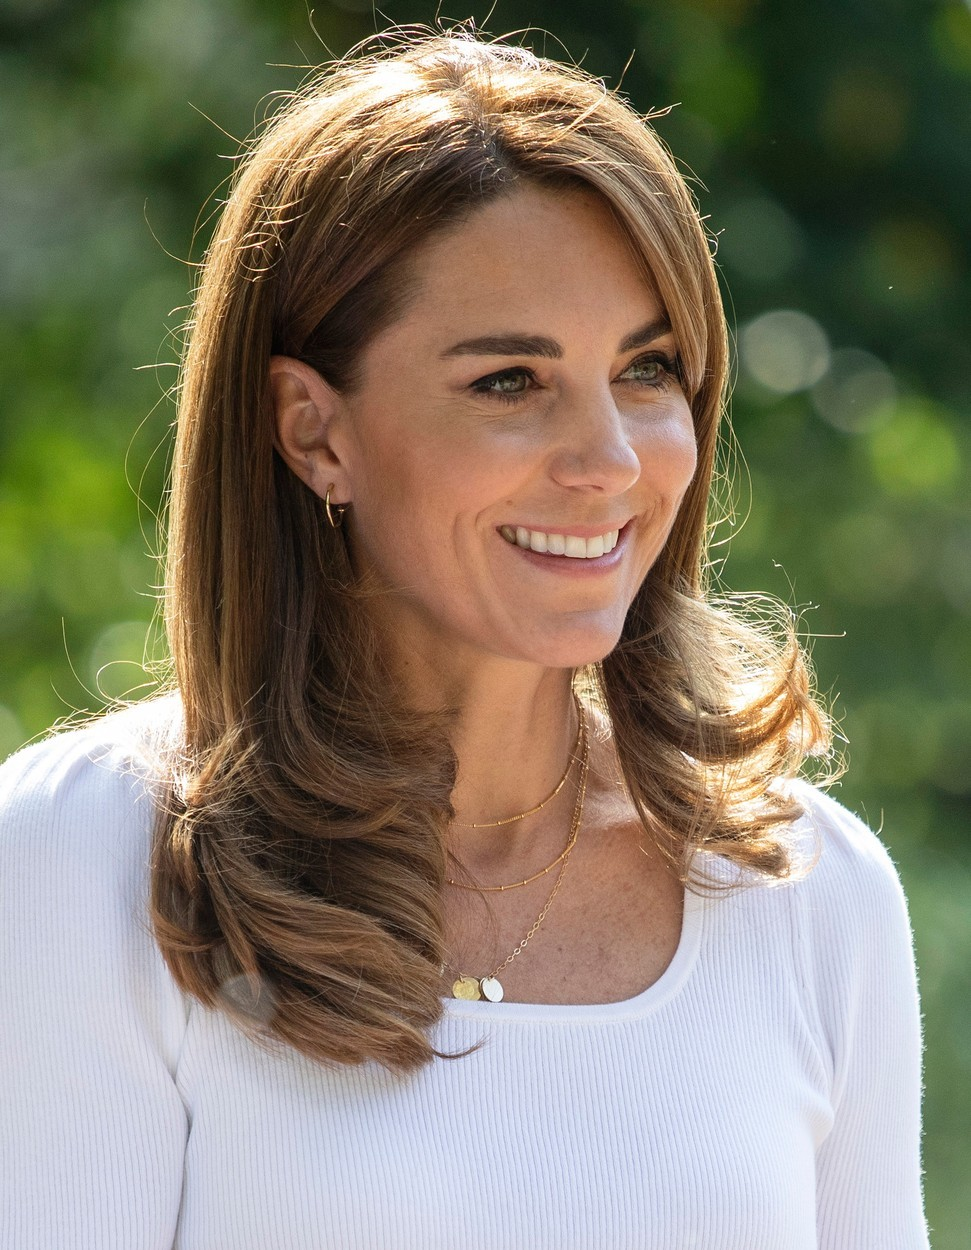 Kate Middleton si oblíbila včelí jed. Pravidelně dochází do salonu na pleťovou masku s touto neobvyklou ingrediencí.